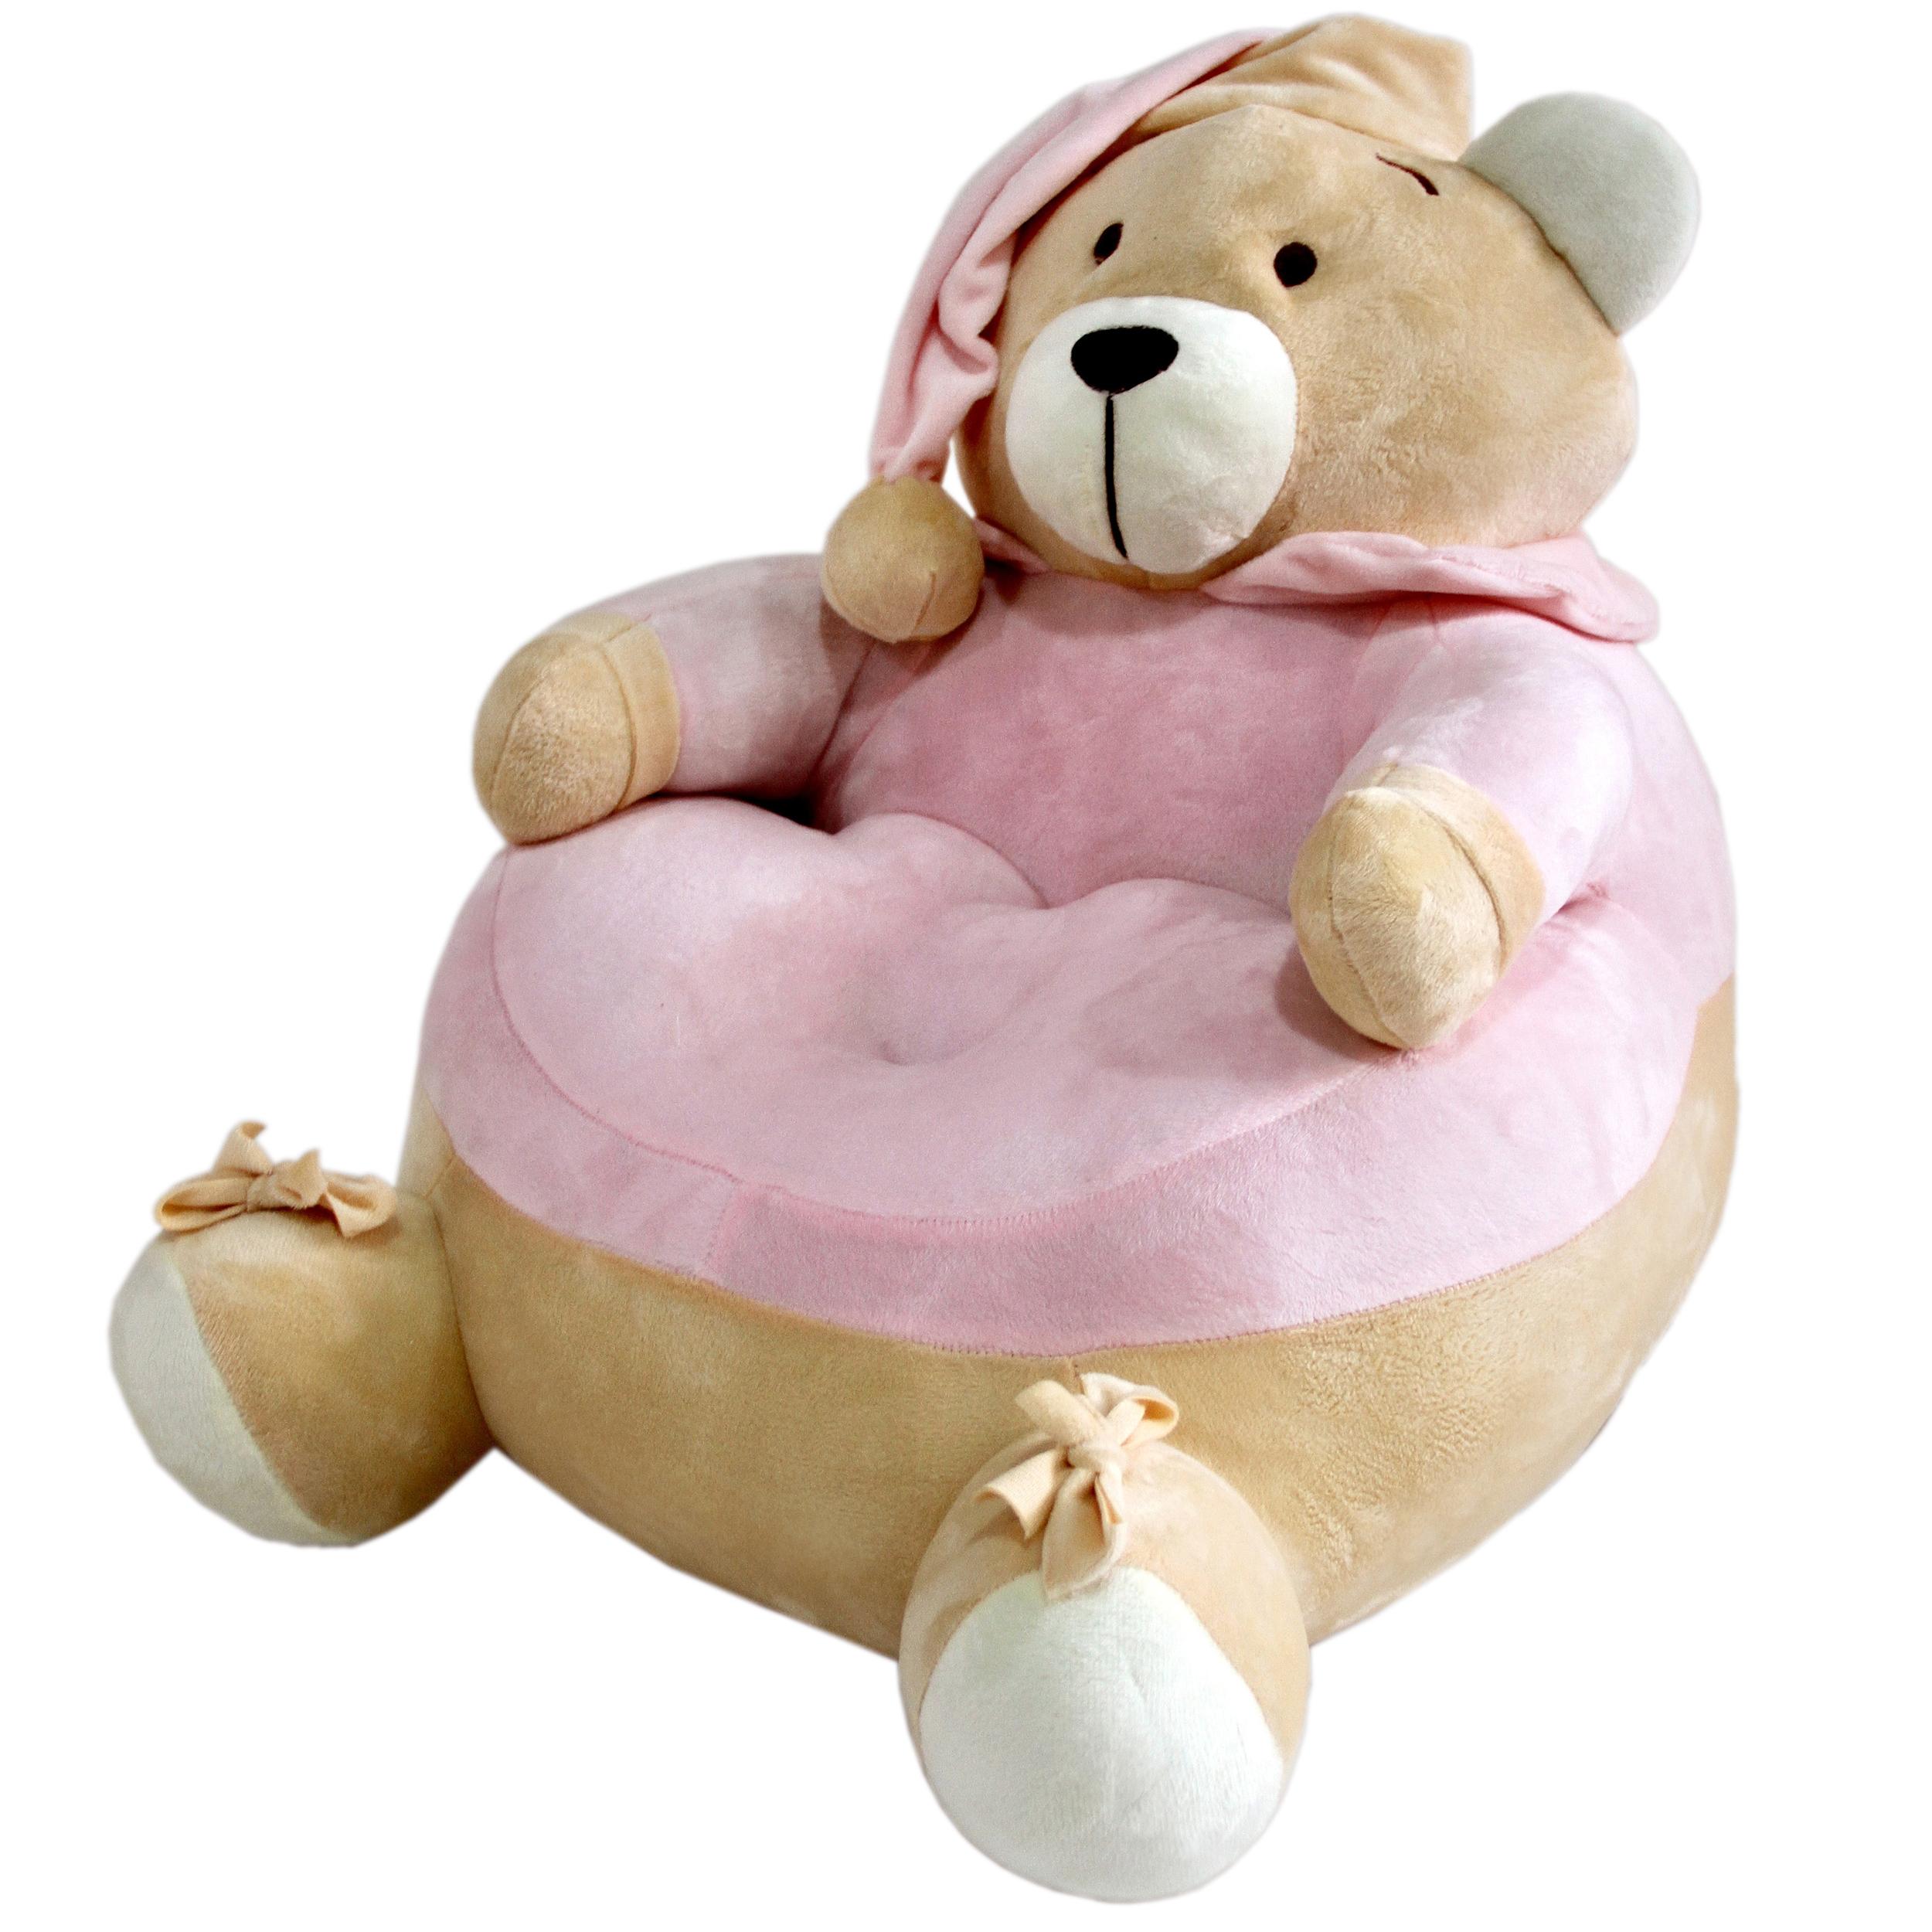 مبل کودک طرح خرس مدل Ayr01